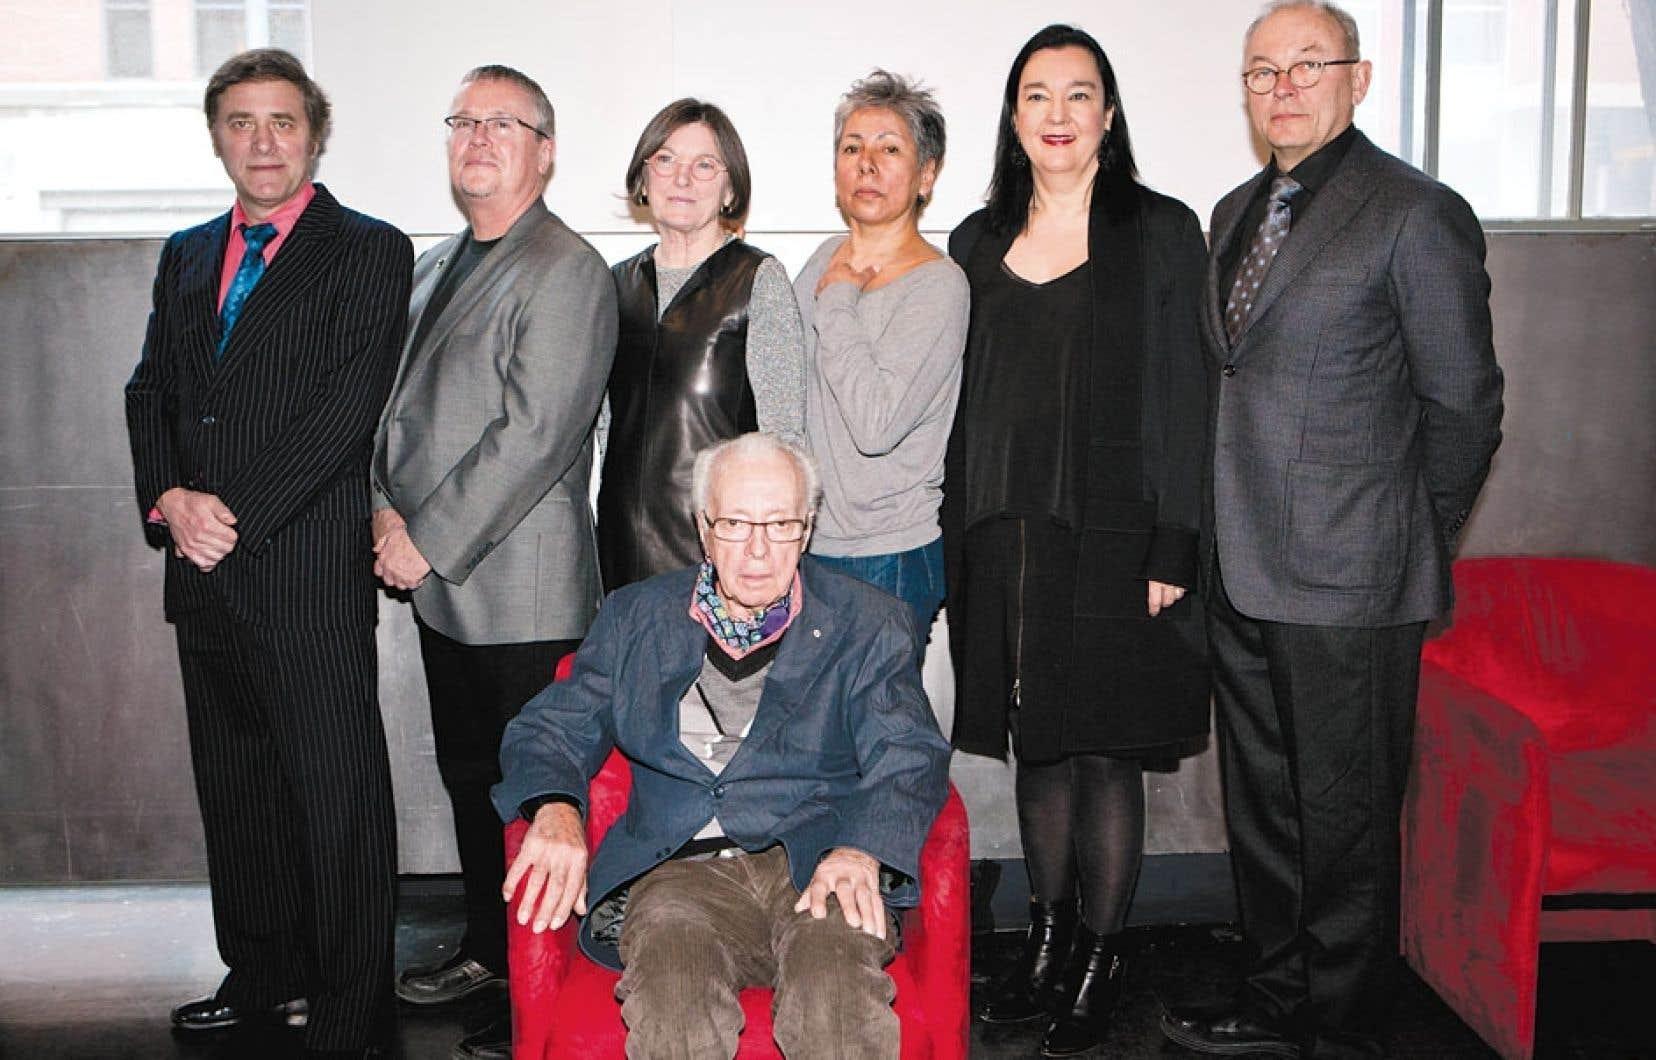 Les lauréats, de gauche à droite : Gordon Monahan, Greg Payce, Colette Whiten, Rebecca Belmore, Chantal Pontbriand, William D. MacGillivray et Marcel Barbeau